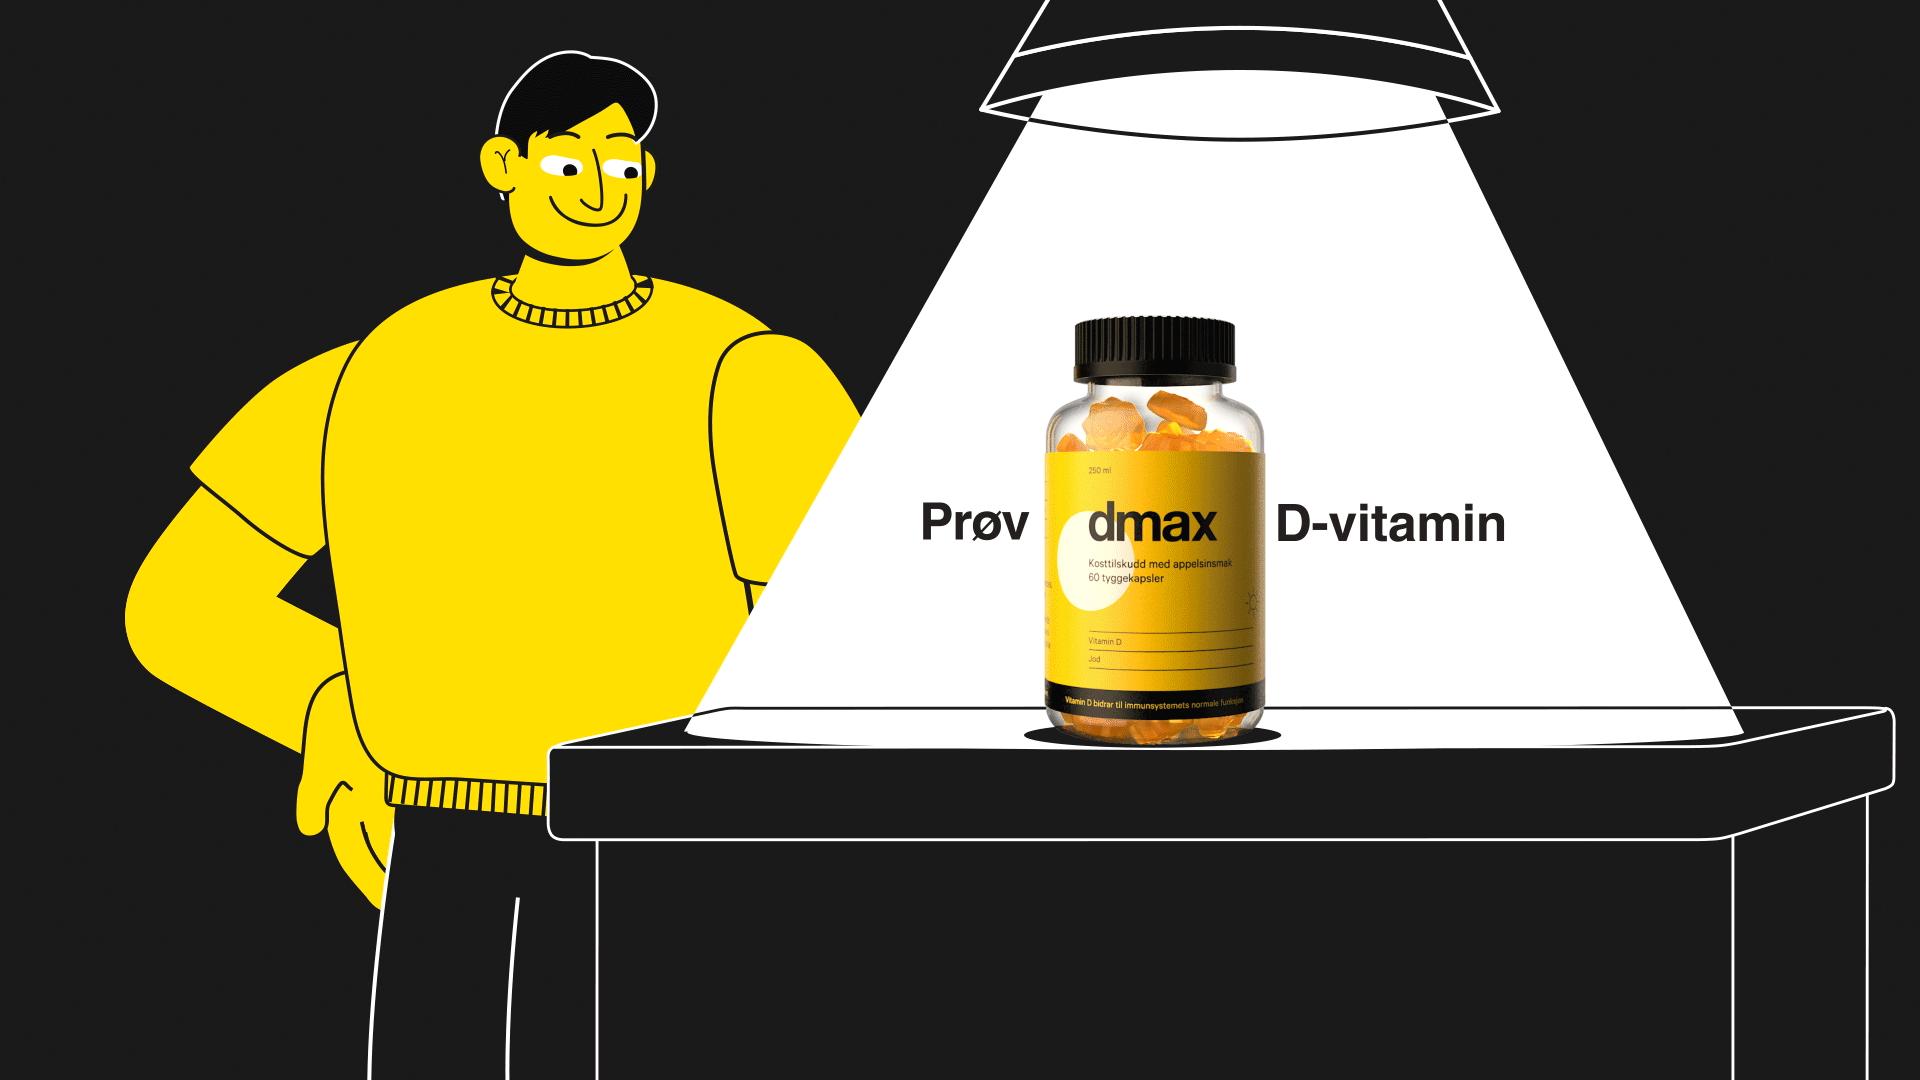 Animasjon for dmax d vitamin hvor 2d karakter staar og ser på kapselbeholderen som staar på bordet med teksten proev dmax d vitamin